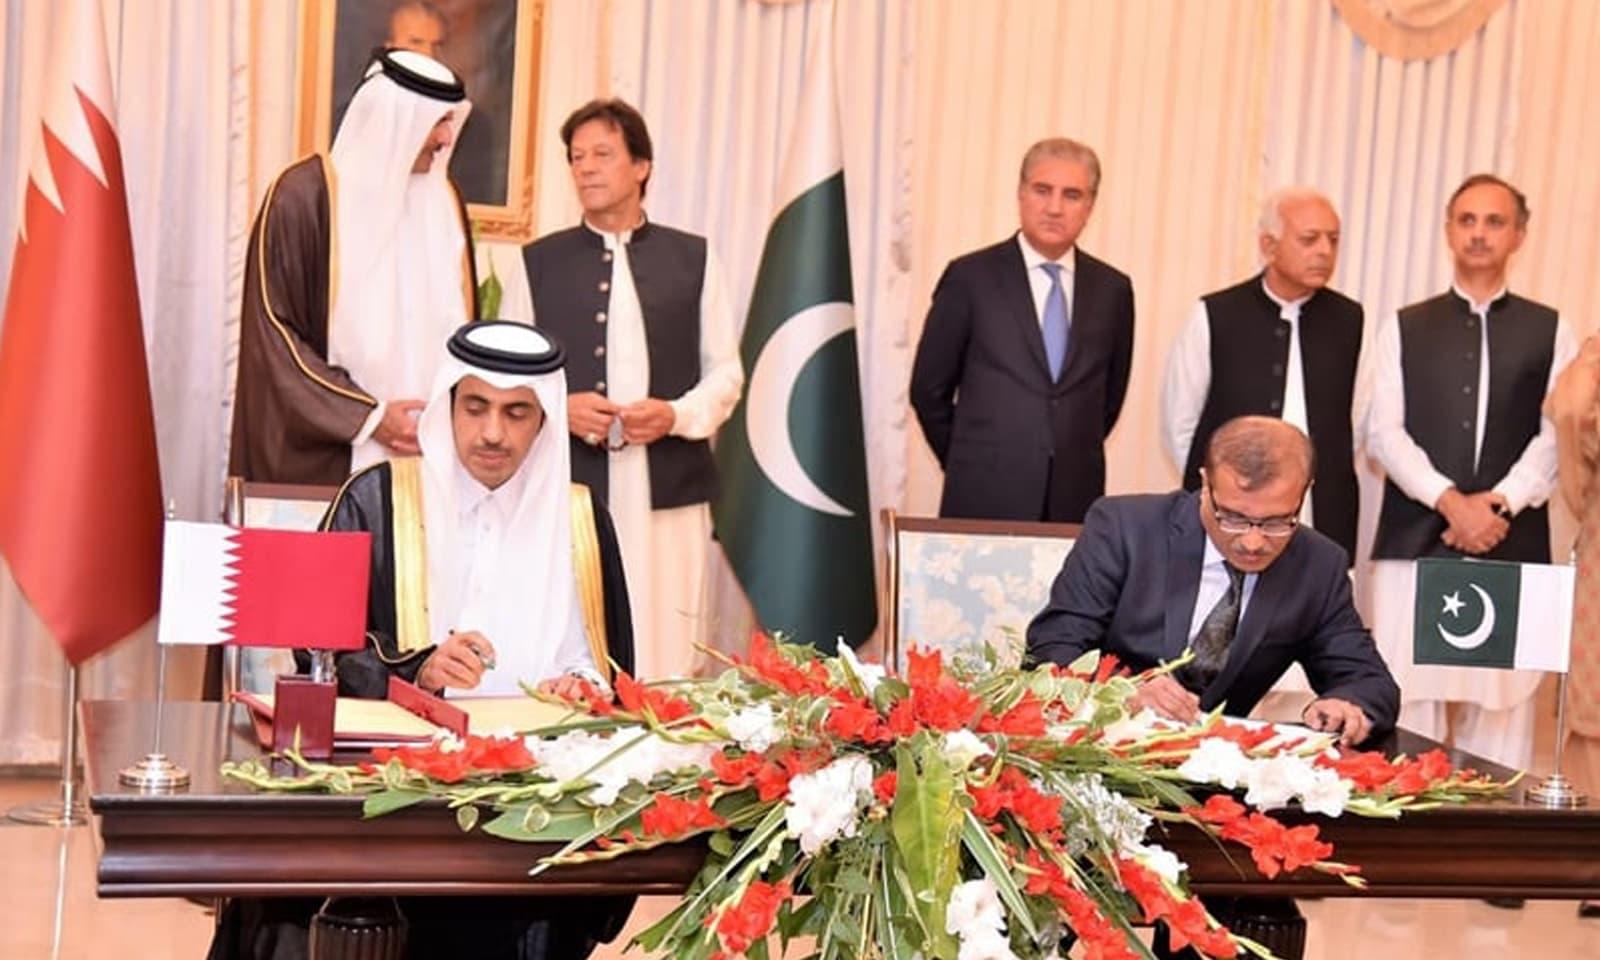 پاکستان اور قطر کے درمیان مختلف شعبوں میں تعاون سے متعلق مفاہمت کی 3 یادداشتوں پر دستخط ہوئے — فوٹو:پی آئی ڈی